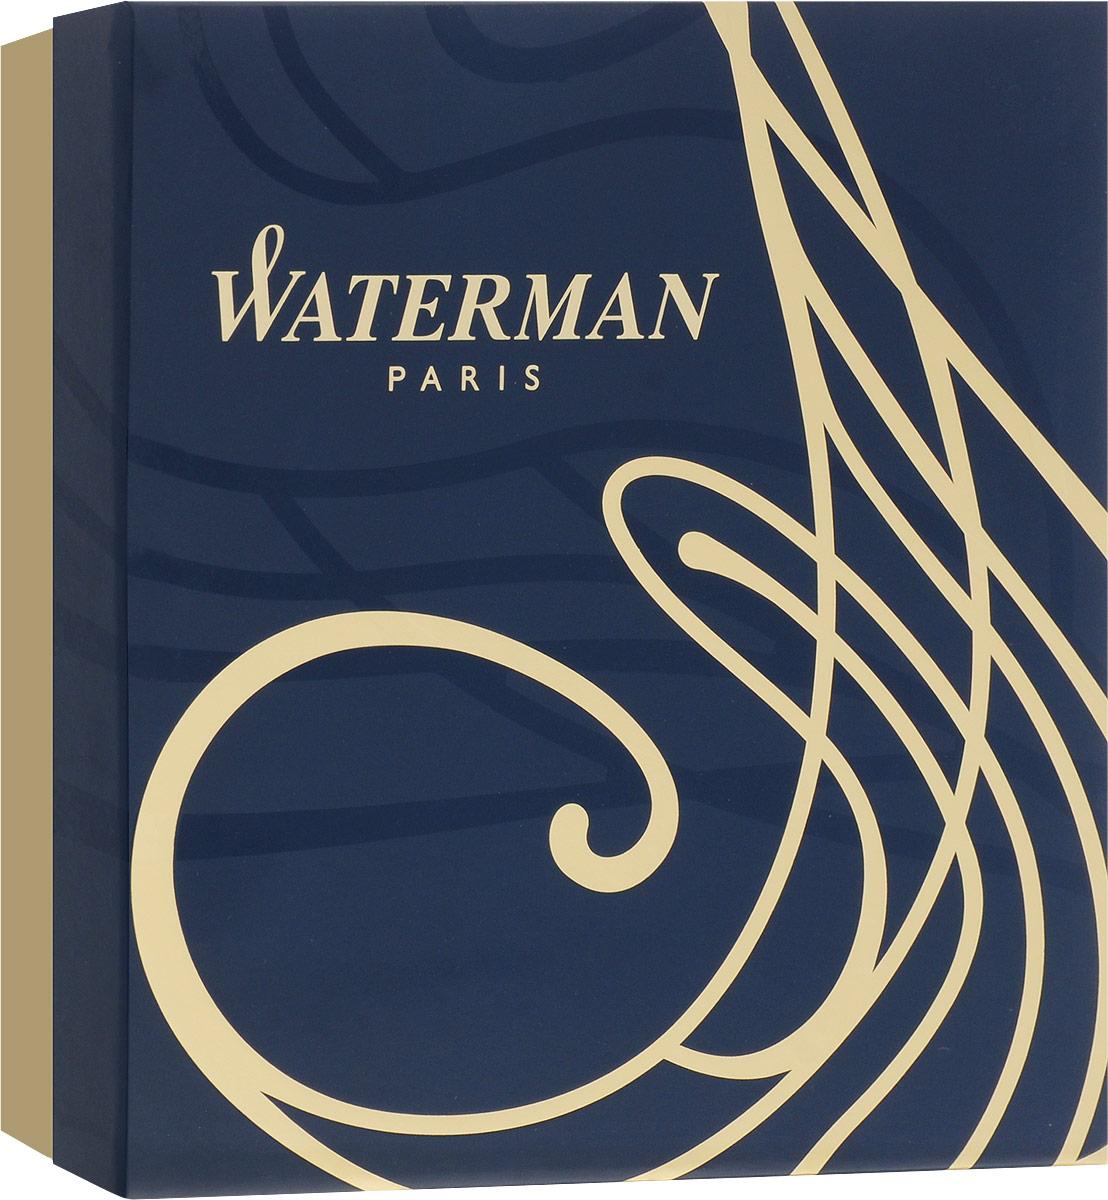 Корпус ручки Waterman Expert Matte Black CT выполнен из хрома насыщенного черного цвета и декорирован отделкой с никеле-палладиевым покрытием. Стержень шариковой ручки выводится поворотом ее верхней части по часовой стрелке. Ручка упакована в фирменную коробку синего цвета с логотипом компании Waterman. В коробке предусмотрено дополнительное отделение, в котором расположен международный гарантийный талон и блокнот с тканевой закладкой-полоской и магнитной застежкой.Ручка Waterman Expert Matte Black CT подчеркнет стиль и элегантность ее владельца и станет превосходным подарком ценителю изящества и роскоши.Ручка - это не просто пишущий инструмент, это - часть имиджа, наглядно демонстрирующая статус, характер и образ жизни ее владельца